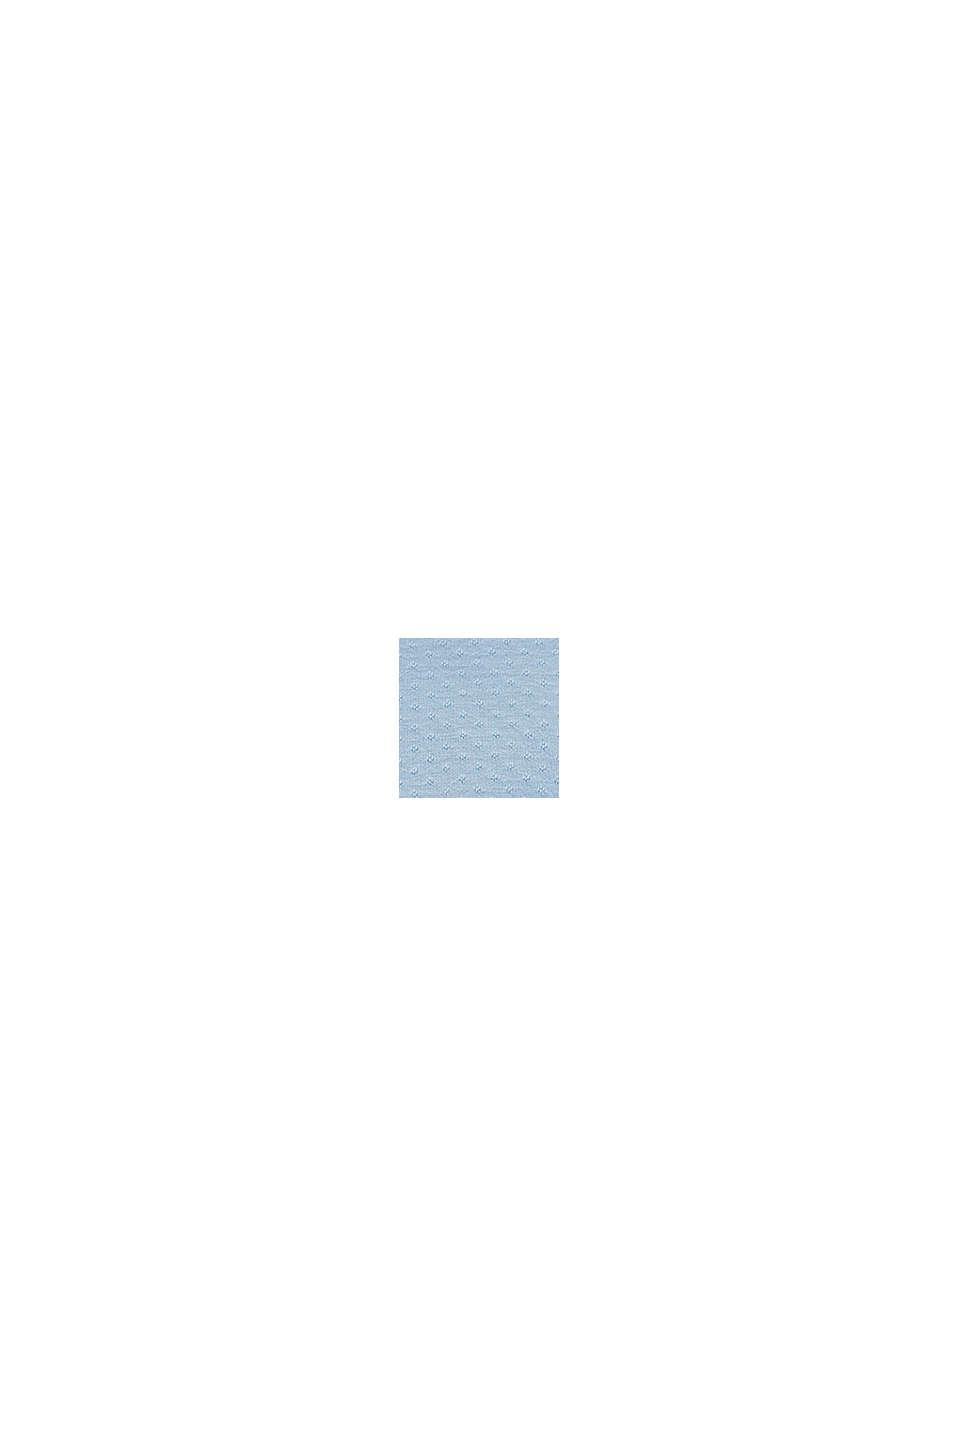 Combinaison à manches à ailettes, coton biologique mélangé, BLUE LAVENDER, swatch